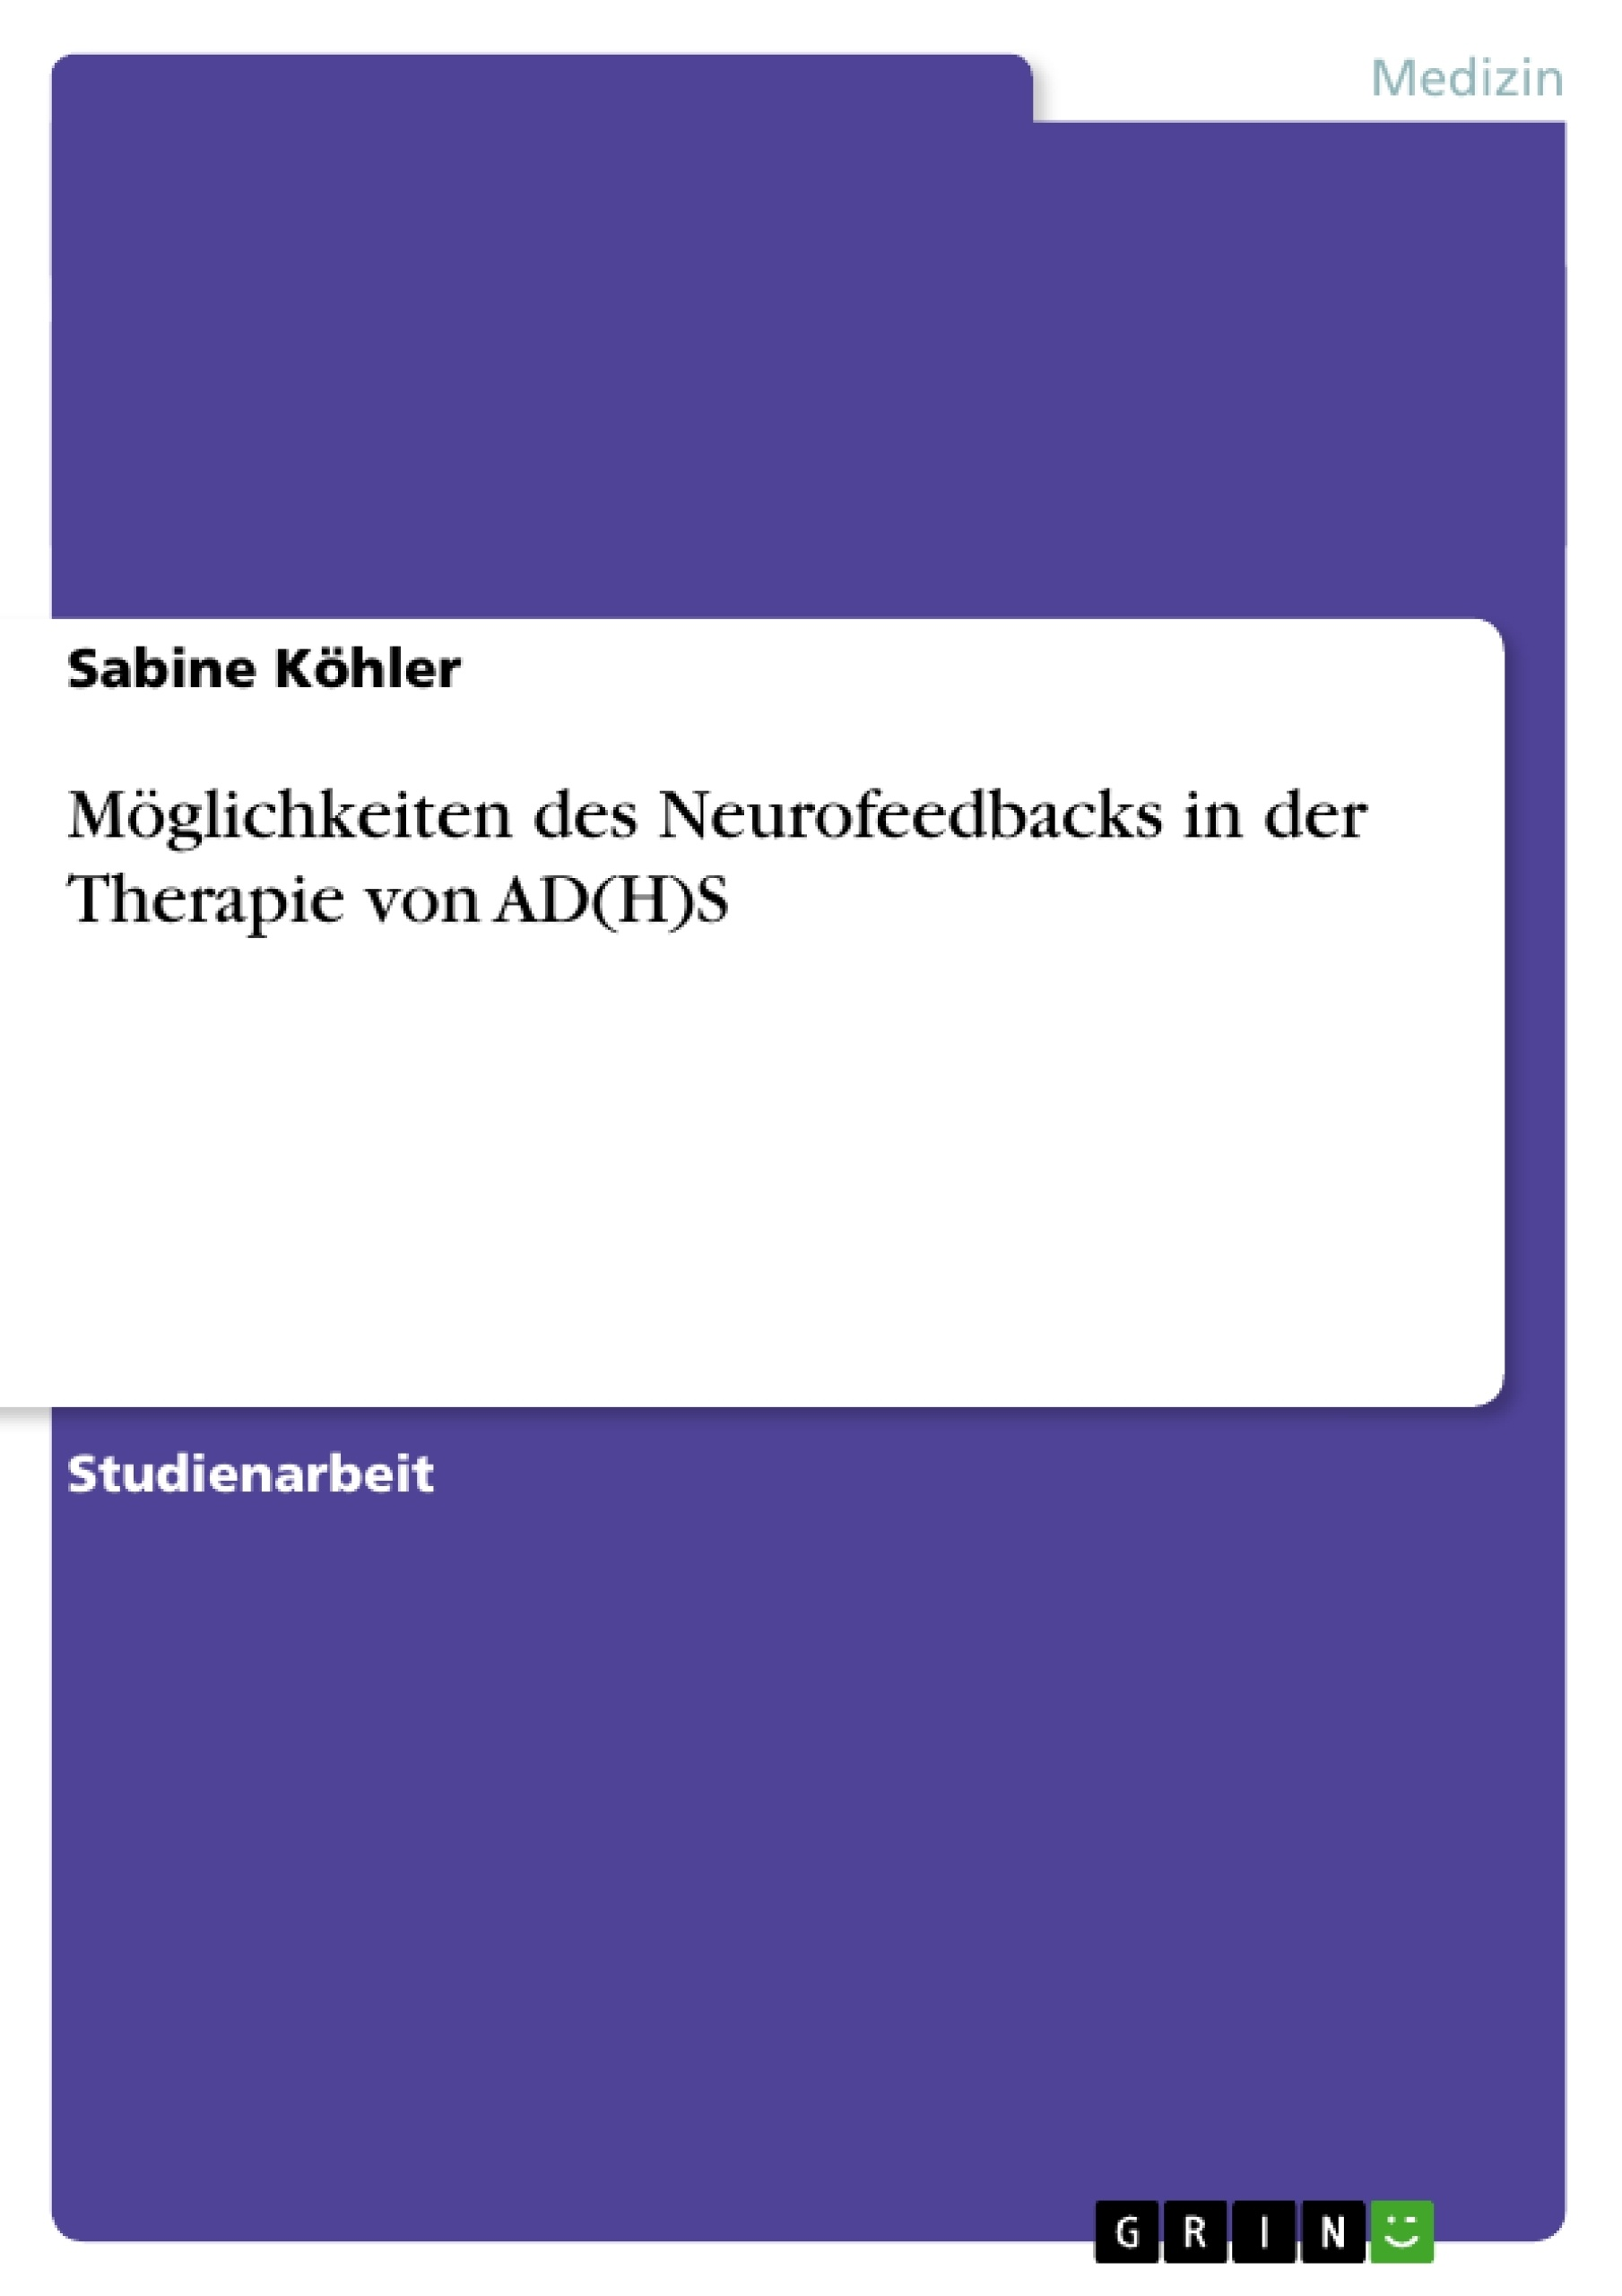 Titel: Möglichkeiten des Neurofeedbacks in der Therapie von AD(H)S